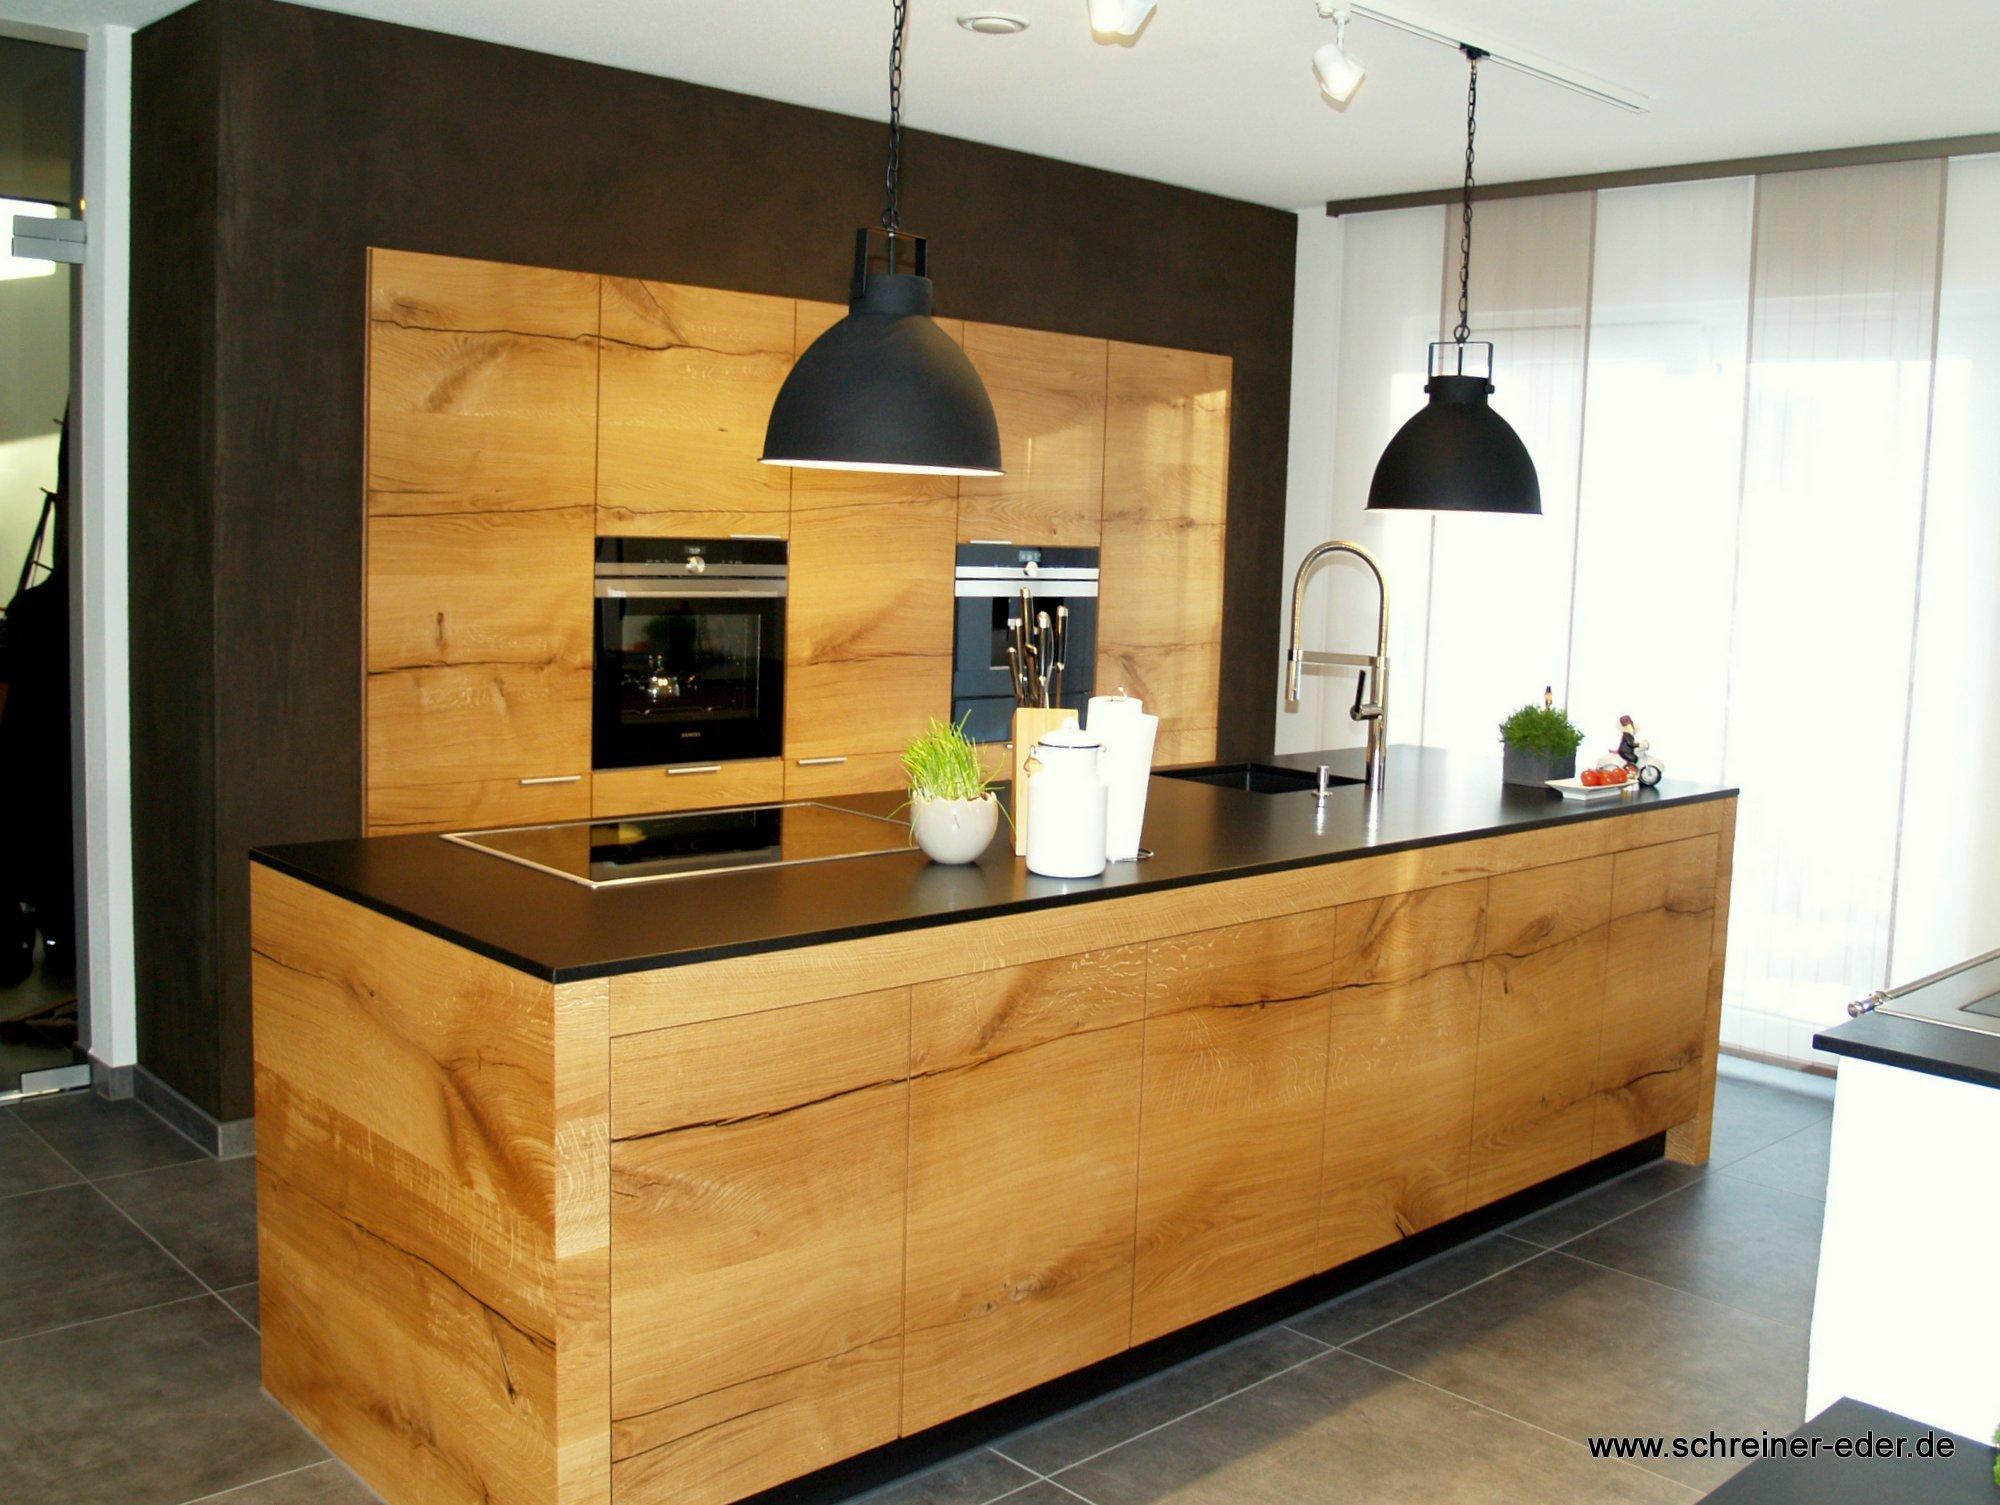 Schreinerküche Donaueiche #küche #kücheninsel #küche...